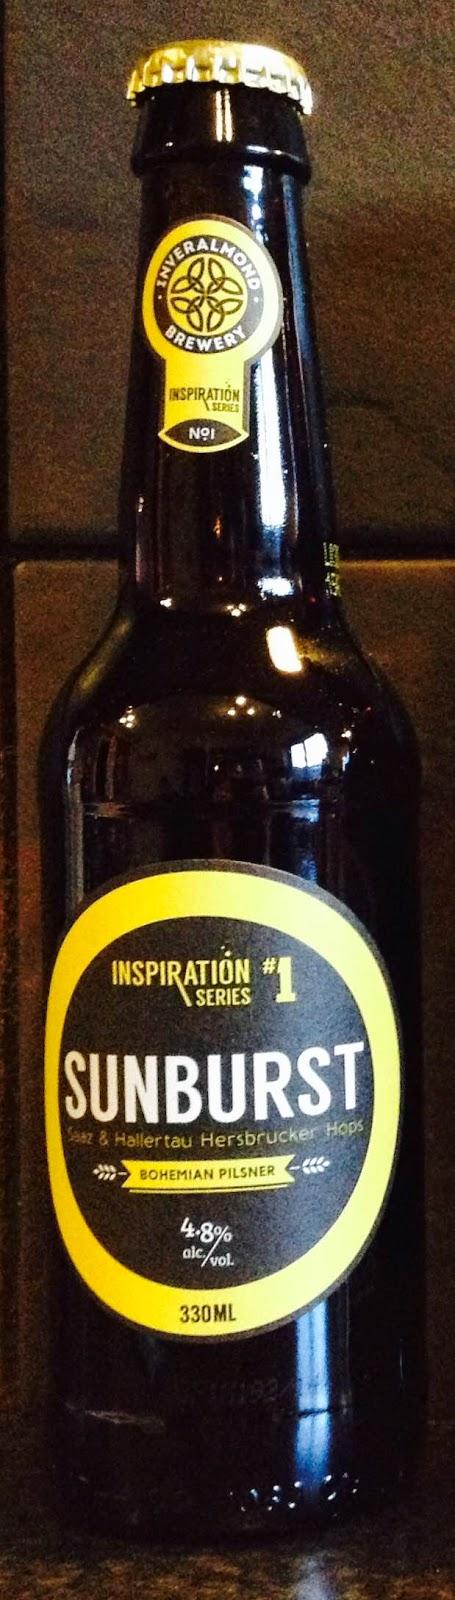 Sunburst (Inveralmond Brewery)